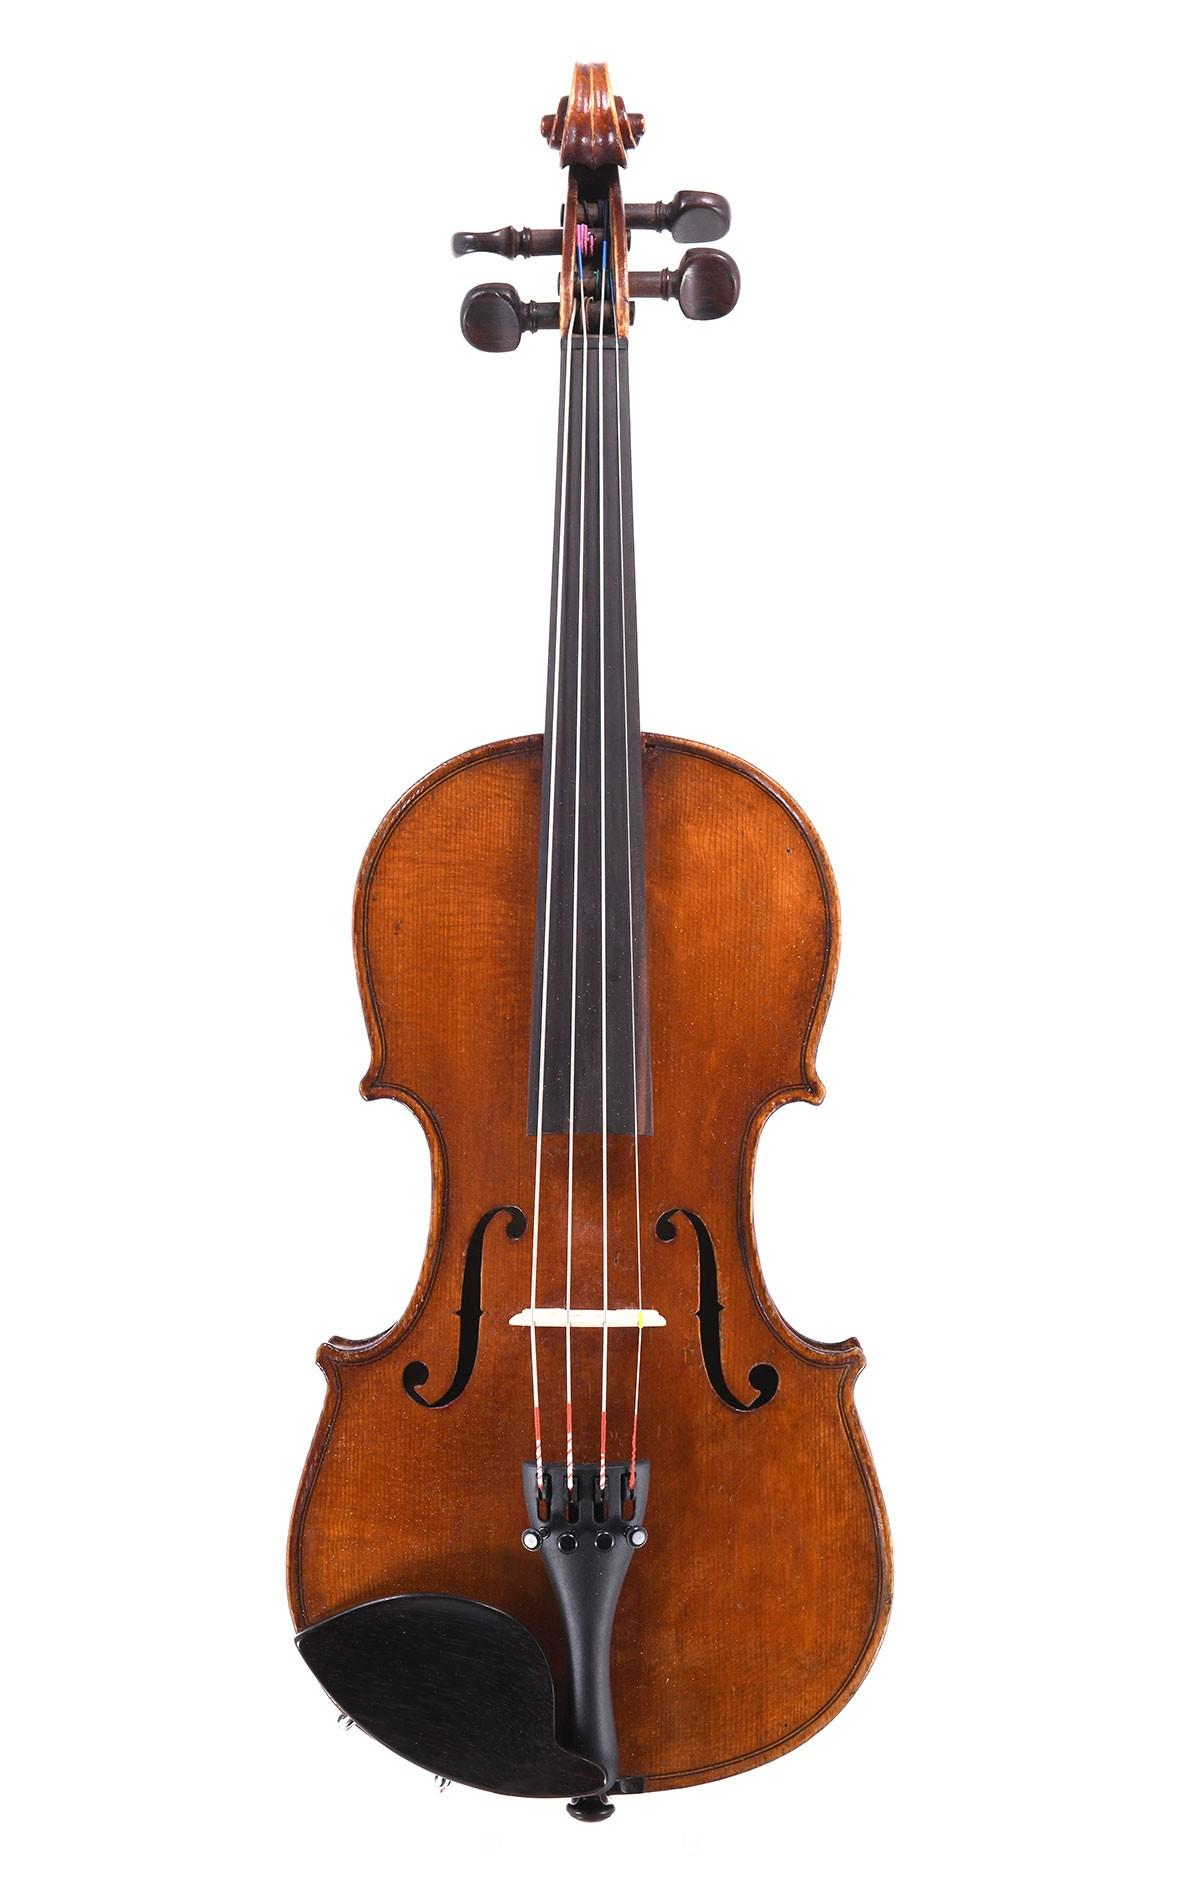 Antike 1/4 Geige aus Mittenwald, gebaut um 1850